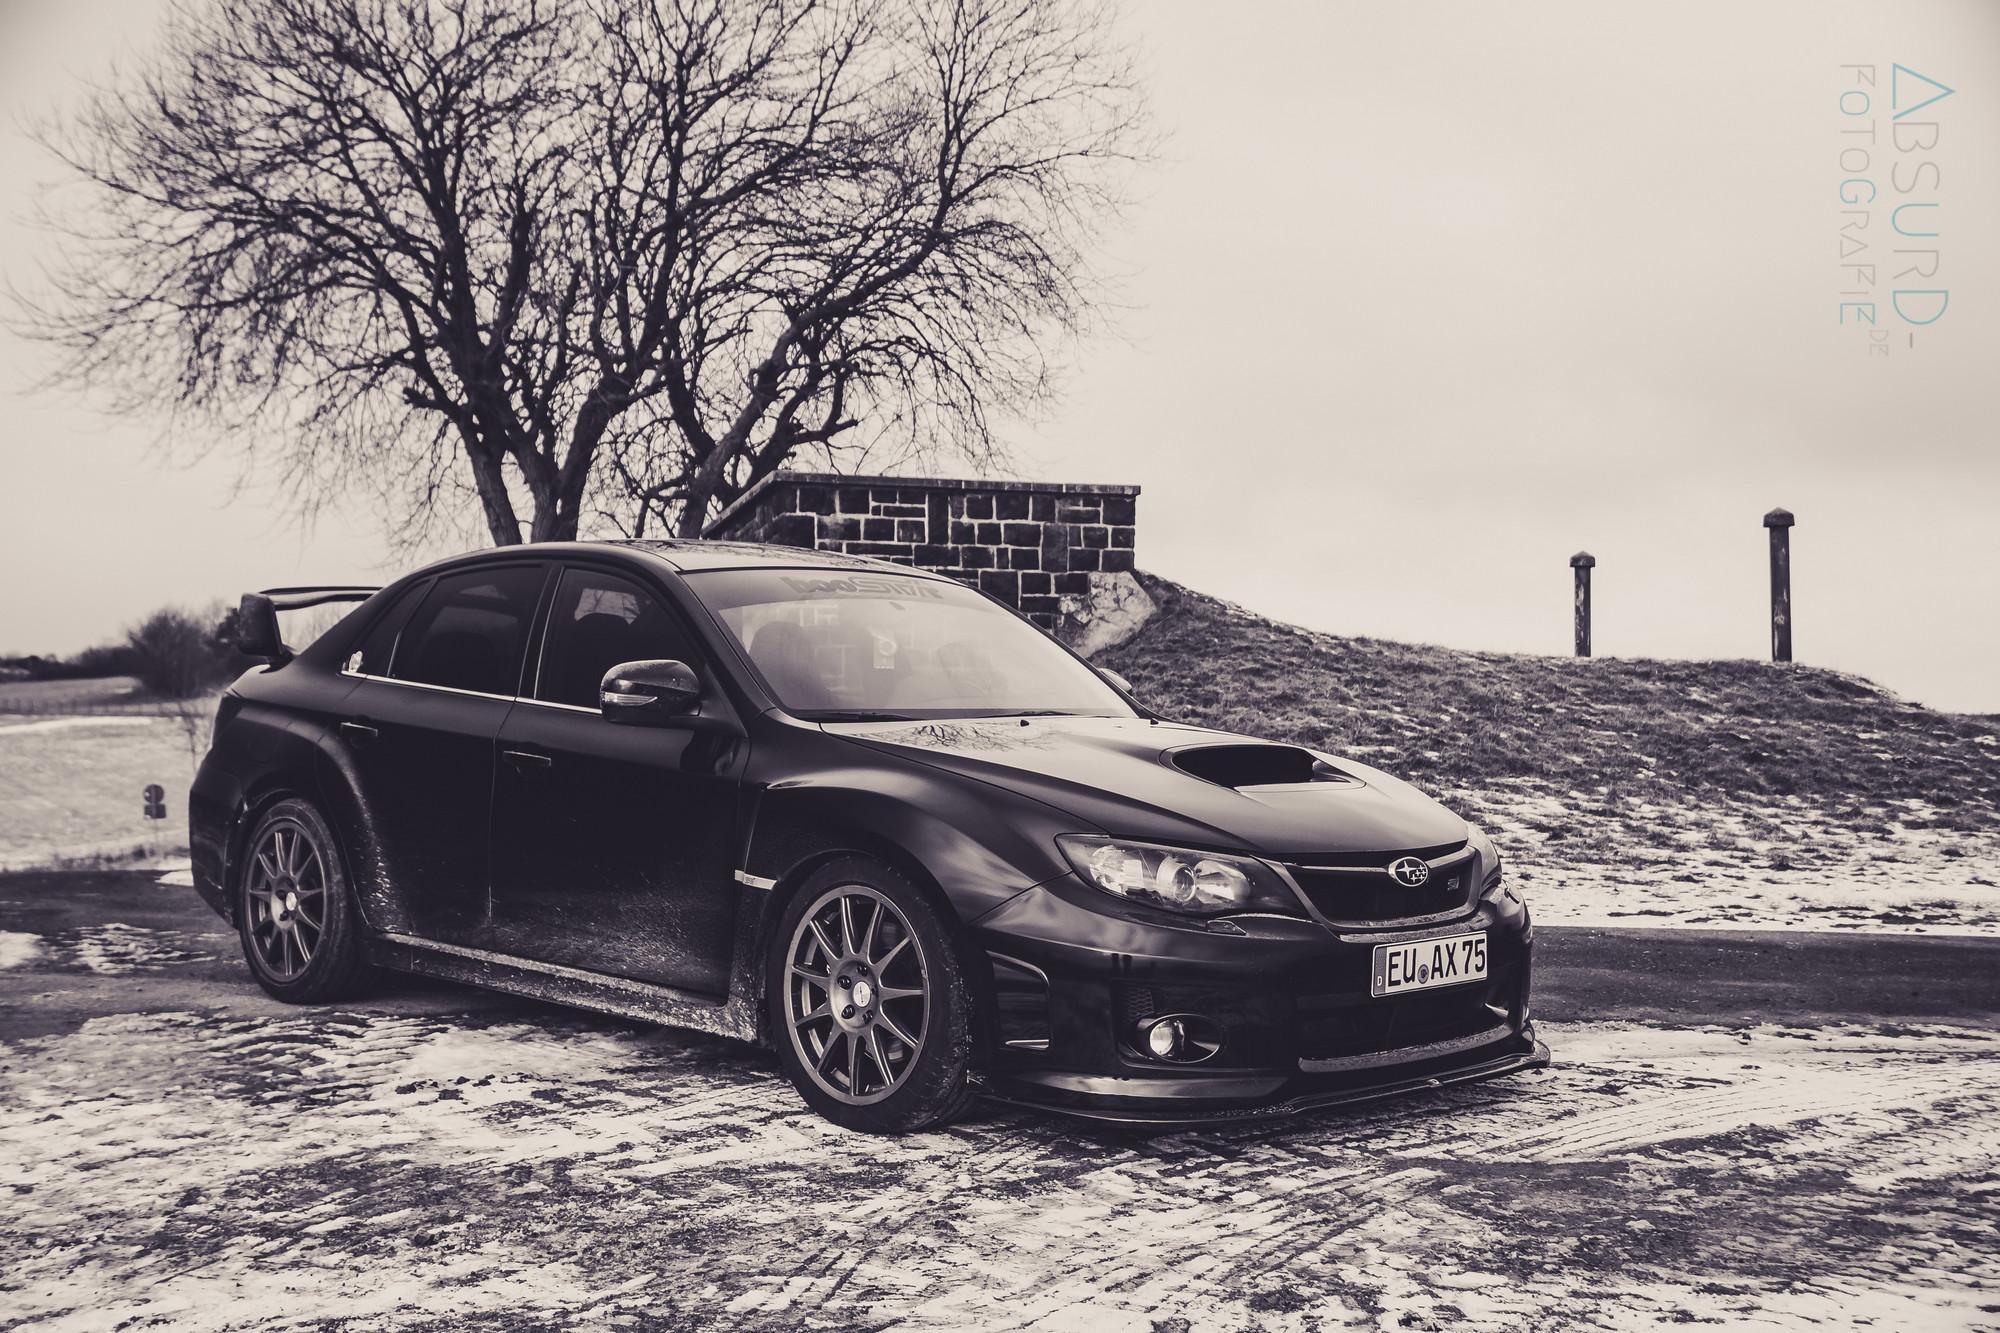 2019-01-20-Alex-Subaru-STI - DSC02115-00232-lredit-_tn.jpg